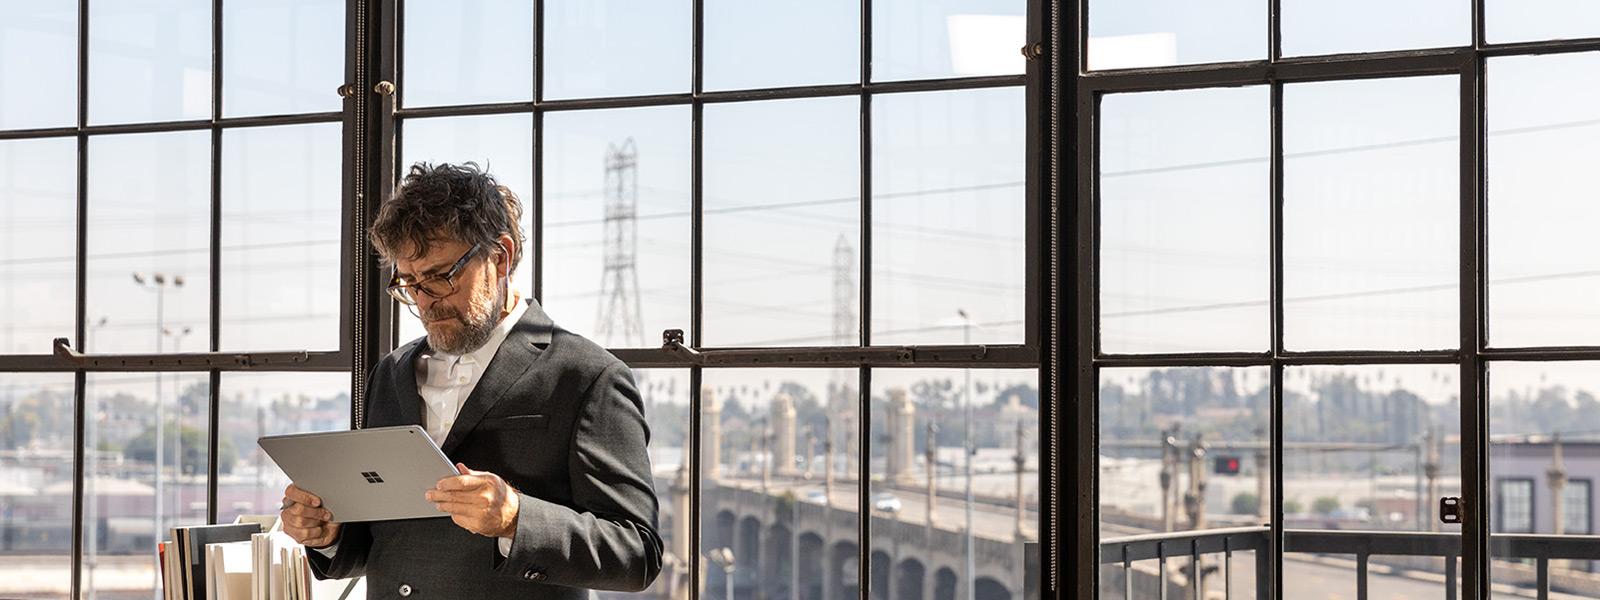 Ikkunan ääressä seisova mies katsoo Surface Book 3 -tablettiaan.